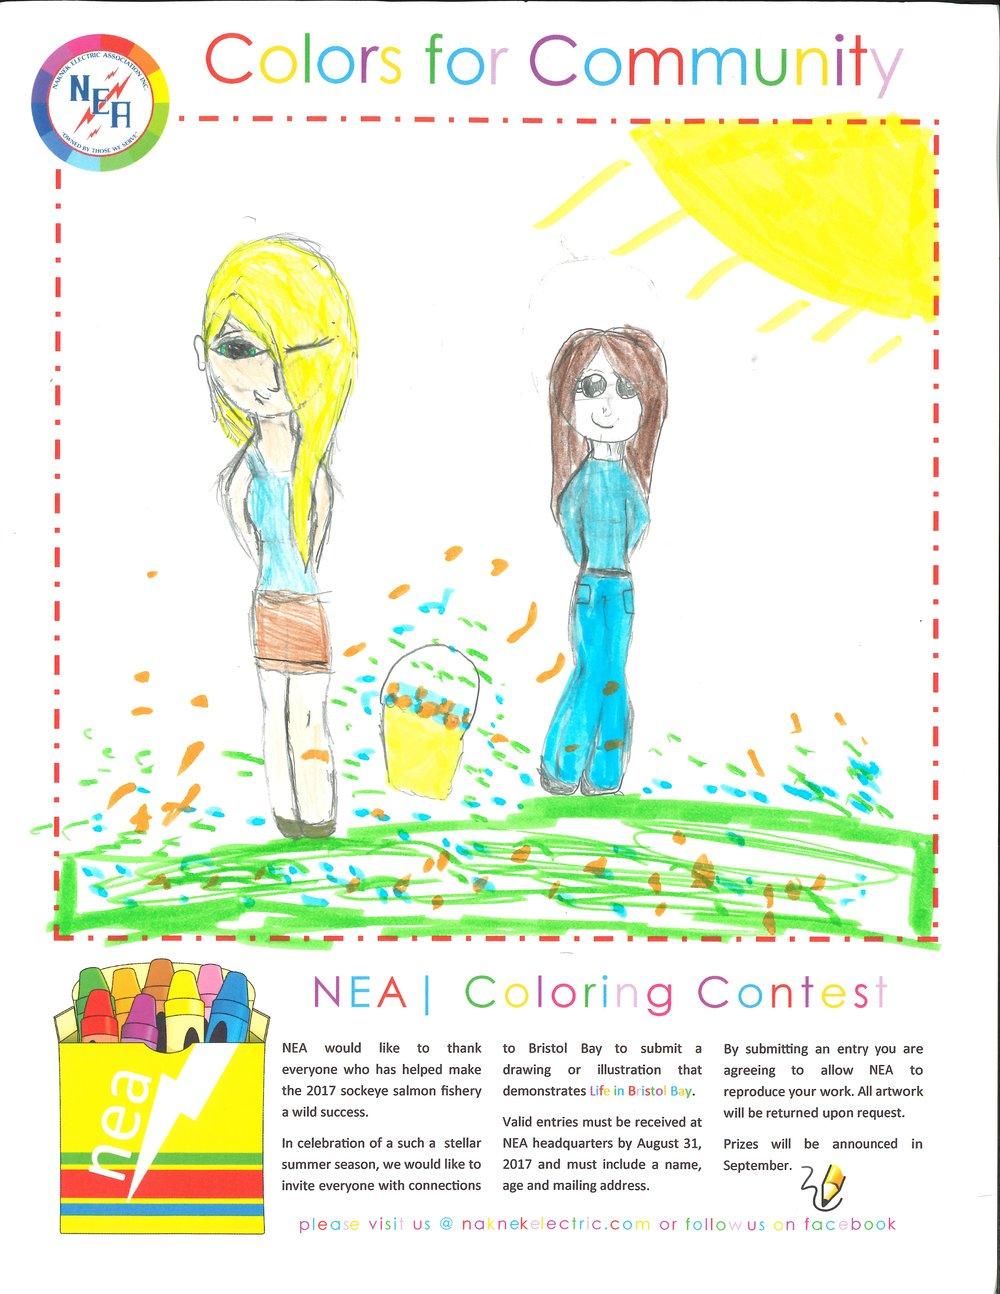 Starla_Matson_5th_Grade.jpg